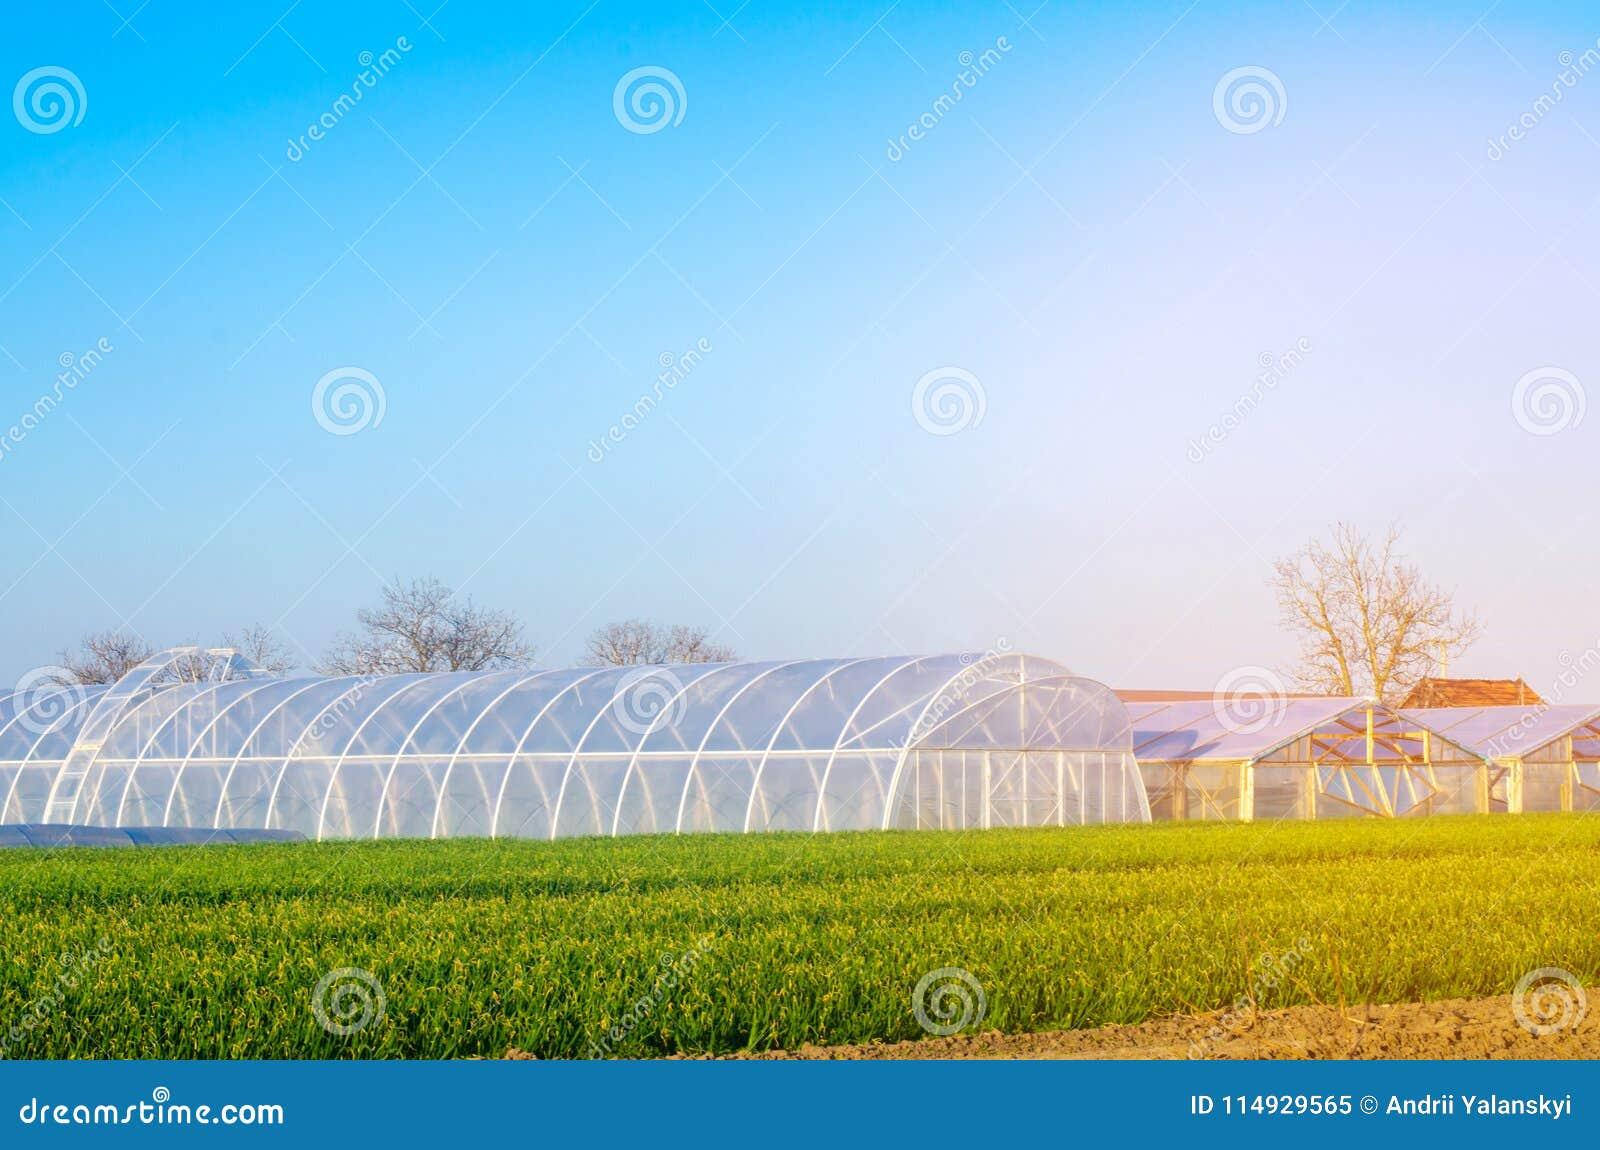 Växthus i fältet för plantor av skördar, frukter, grönsaker som lånar till bönder, jordbruksmarker, jordbruk, landsbygder som är